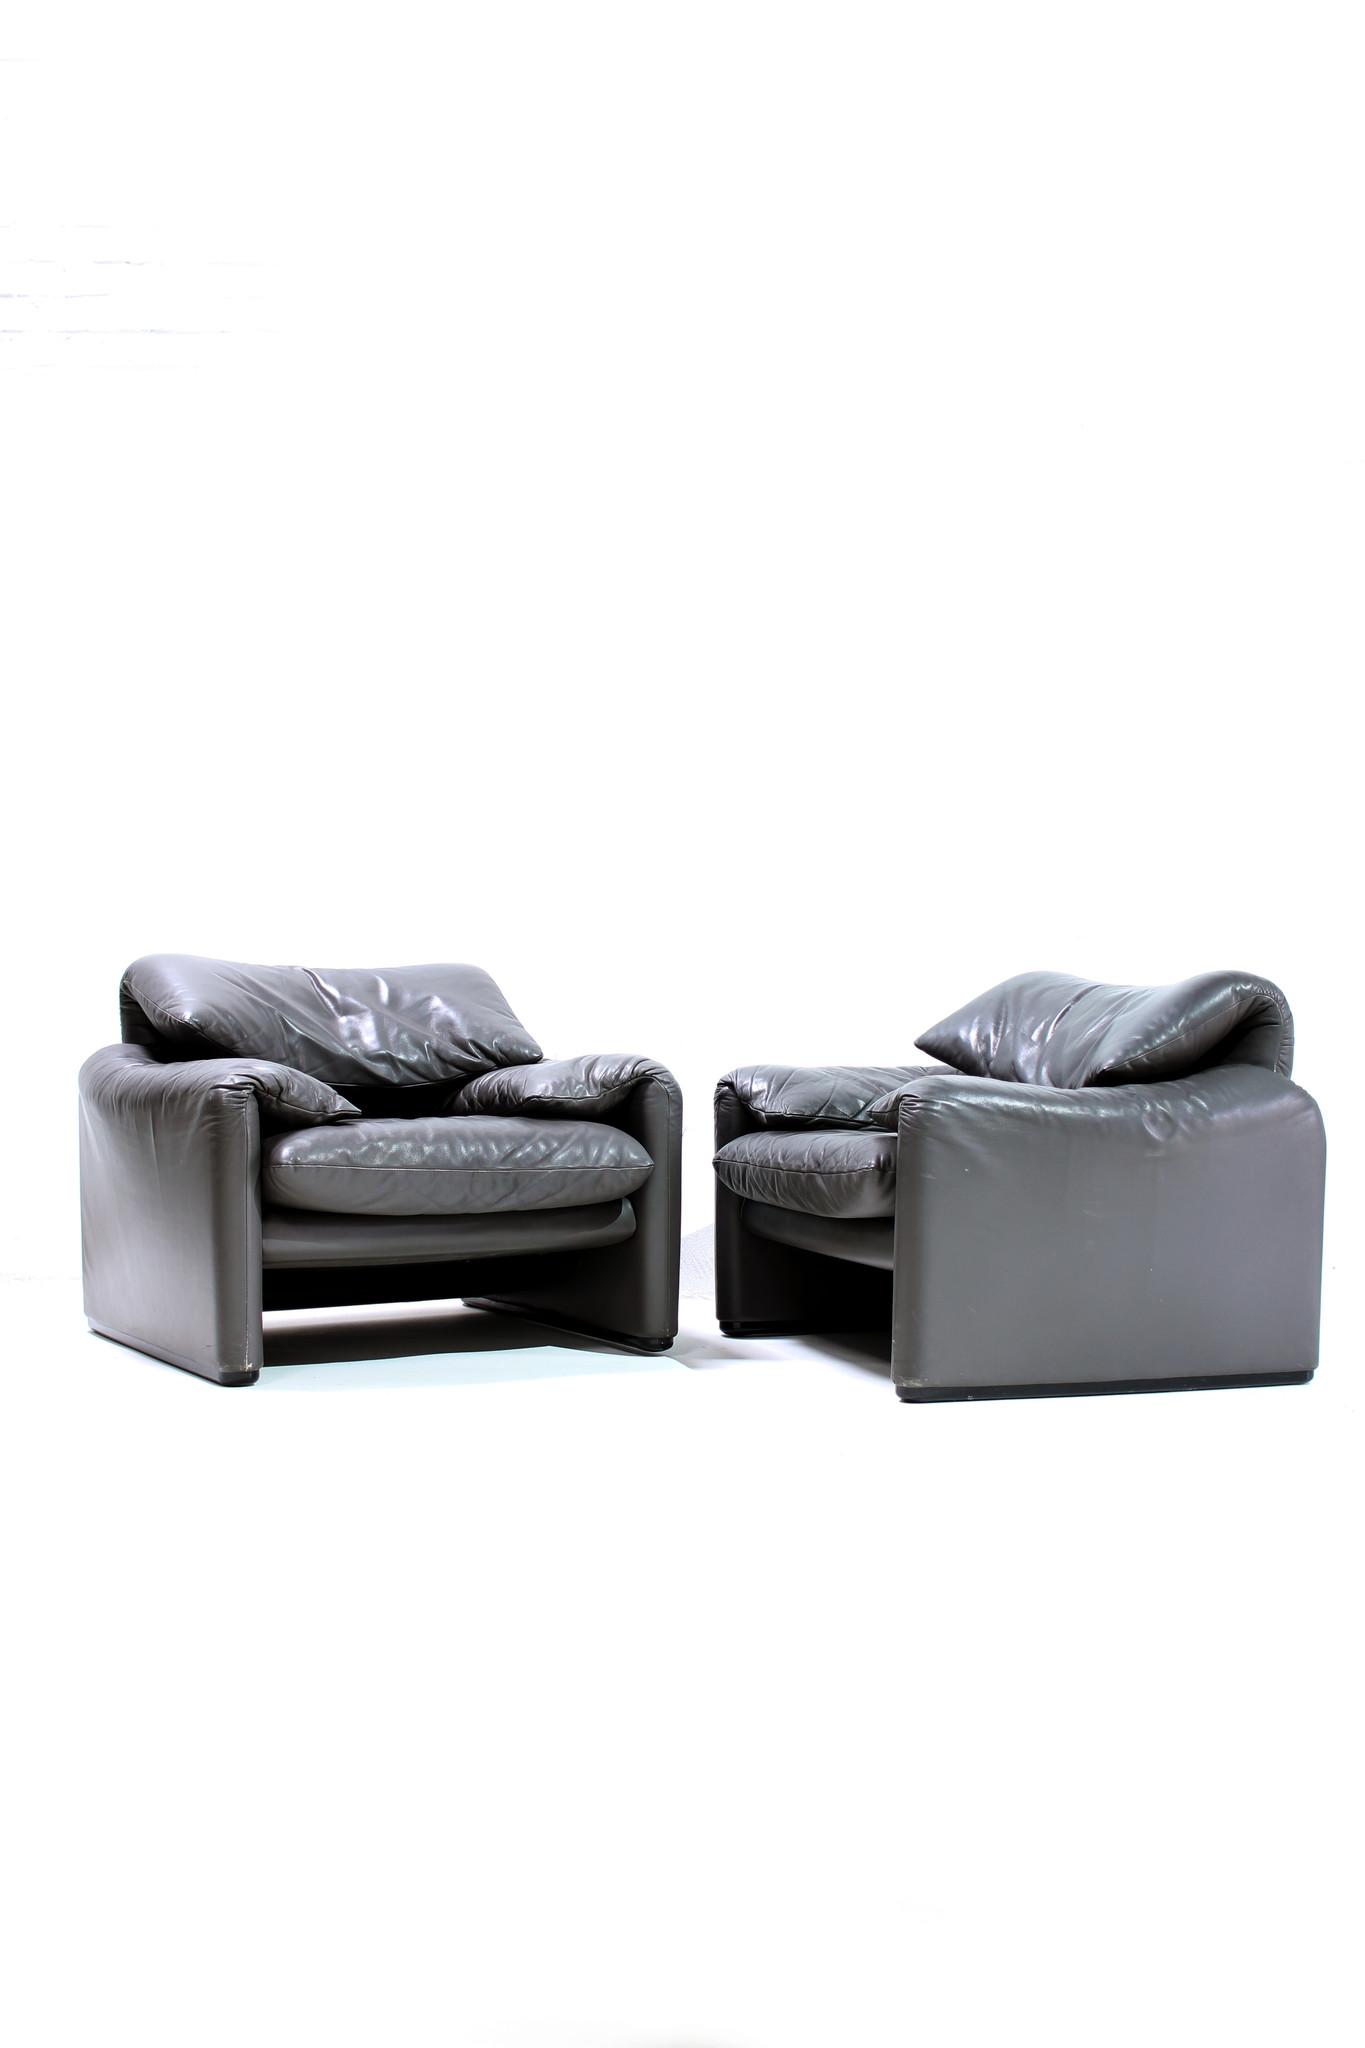 Maralunga sofa set by Vico Magistretti for Cassina